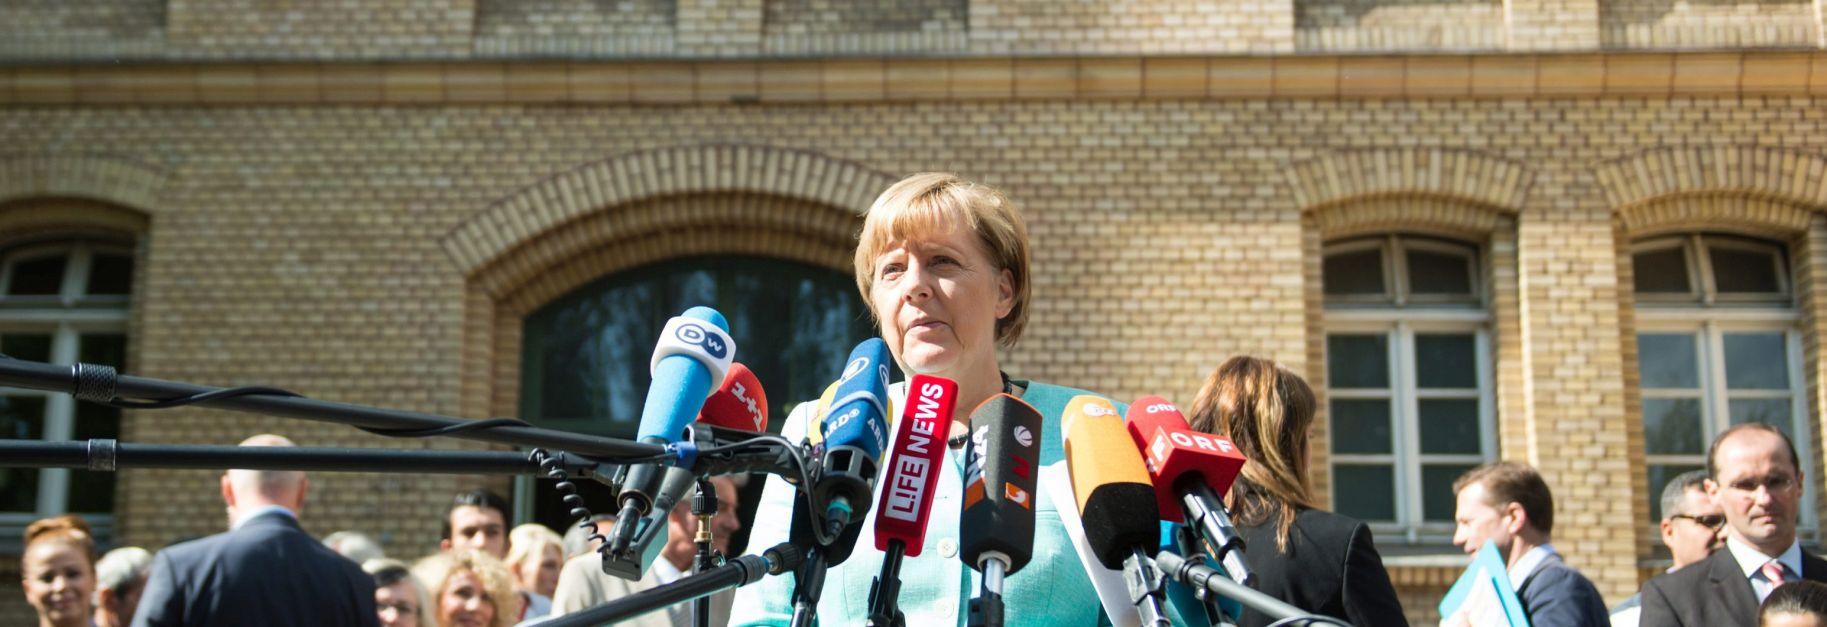 PRONALAŽENJE RJEŠENJA: Merkel vjeruje u dogovor s Britancima o članstvu u EU